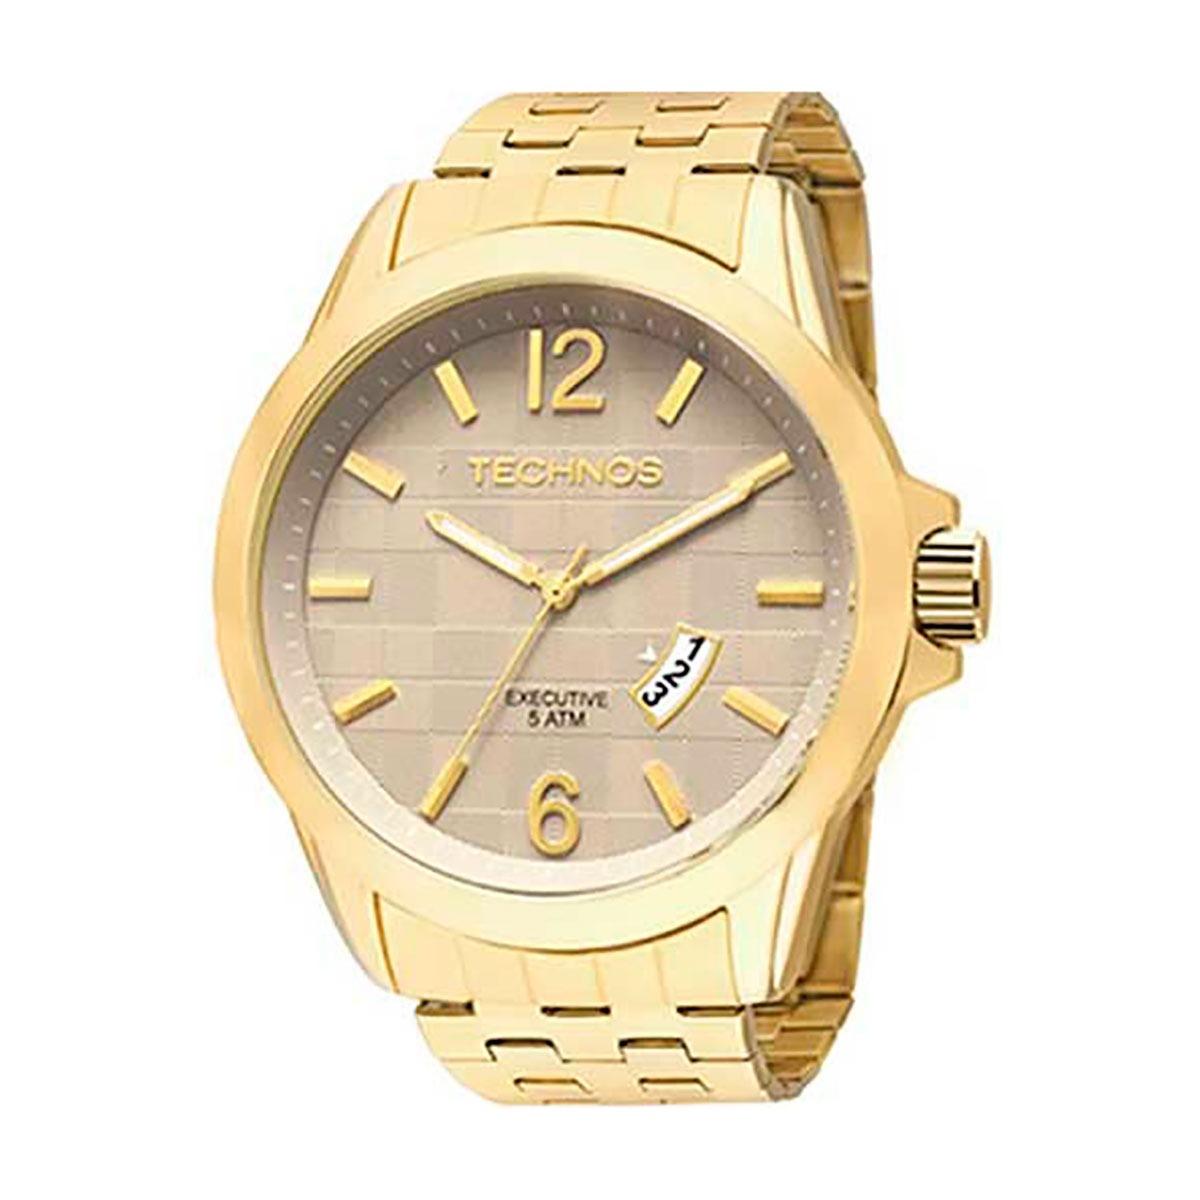 7243ca9de1d8f relógio technos executive original masculino 2115krq 4x. Carregando zoom.